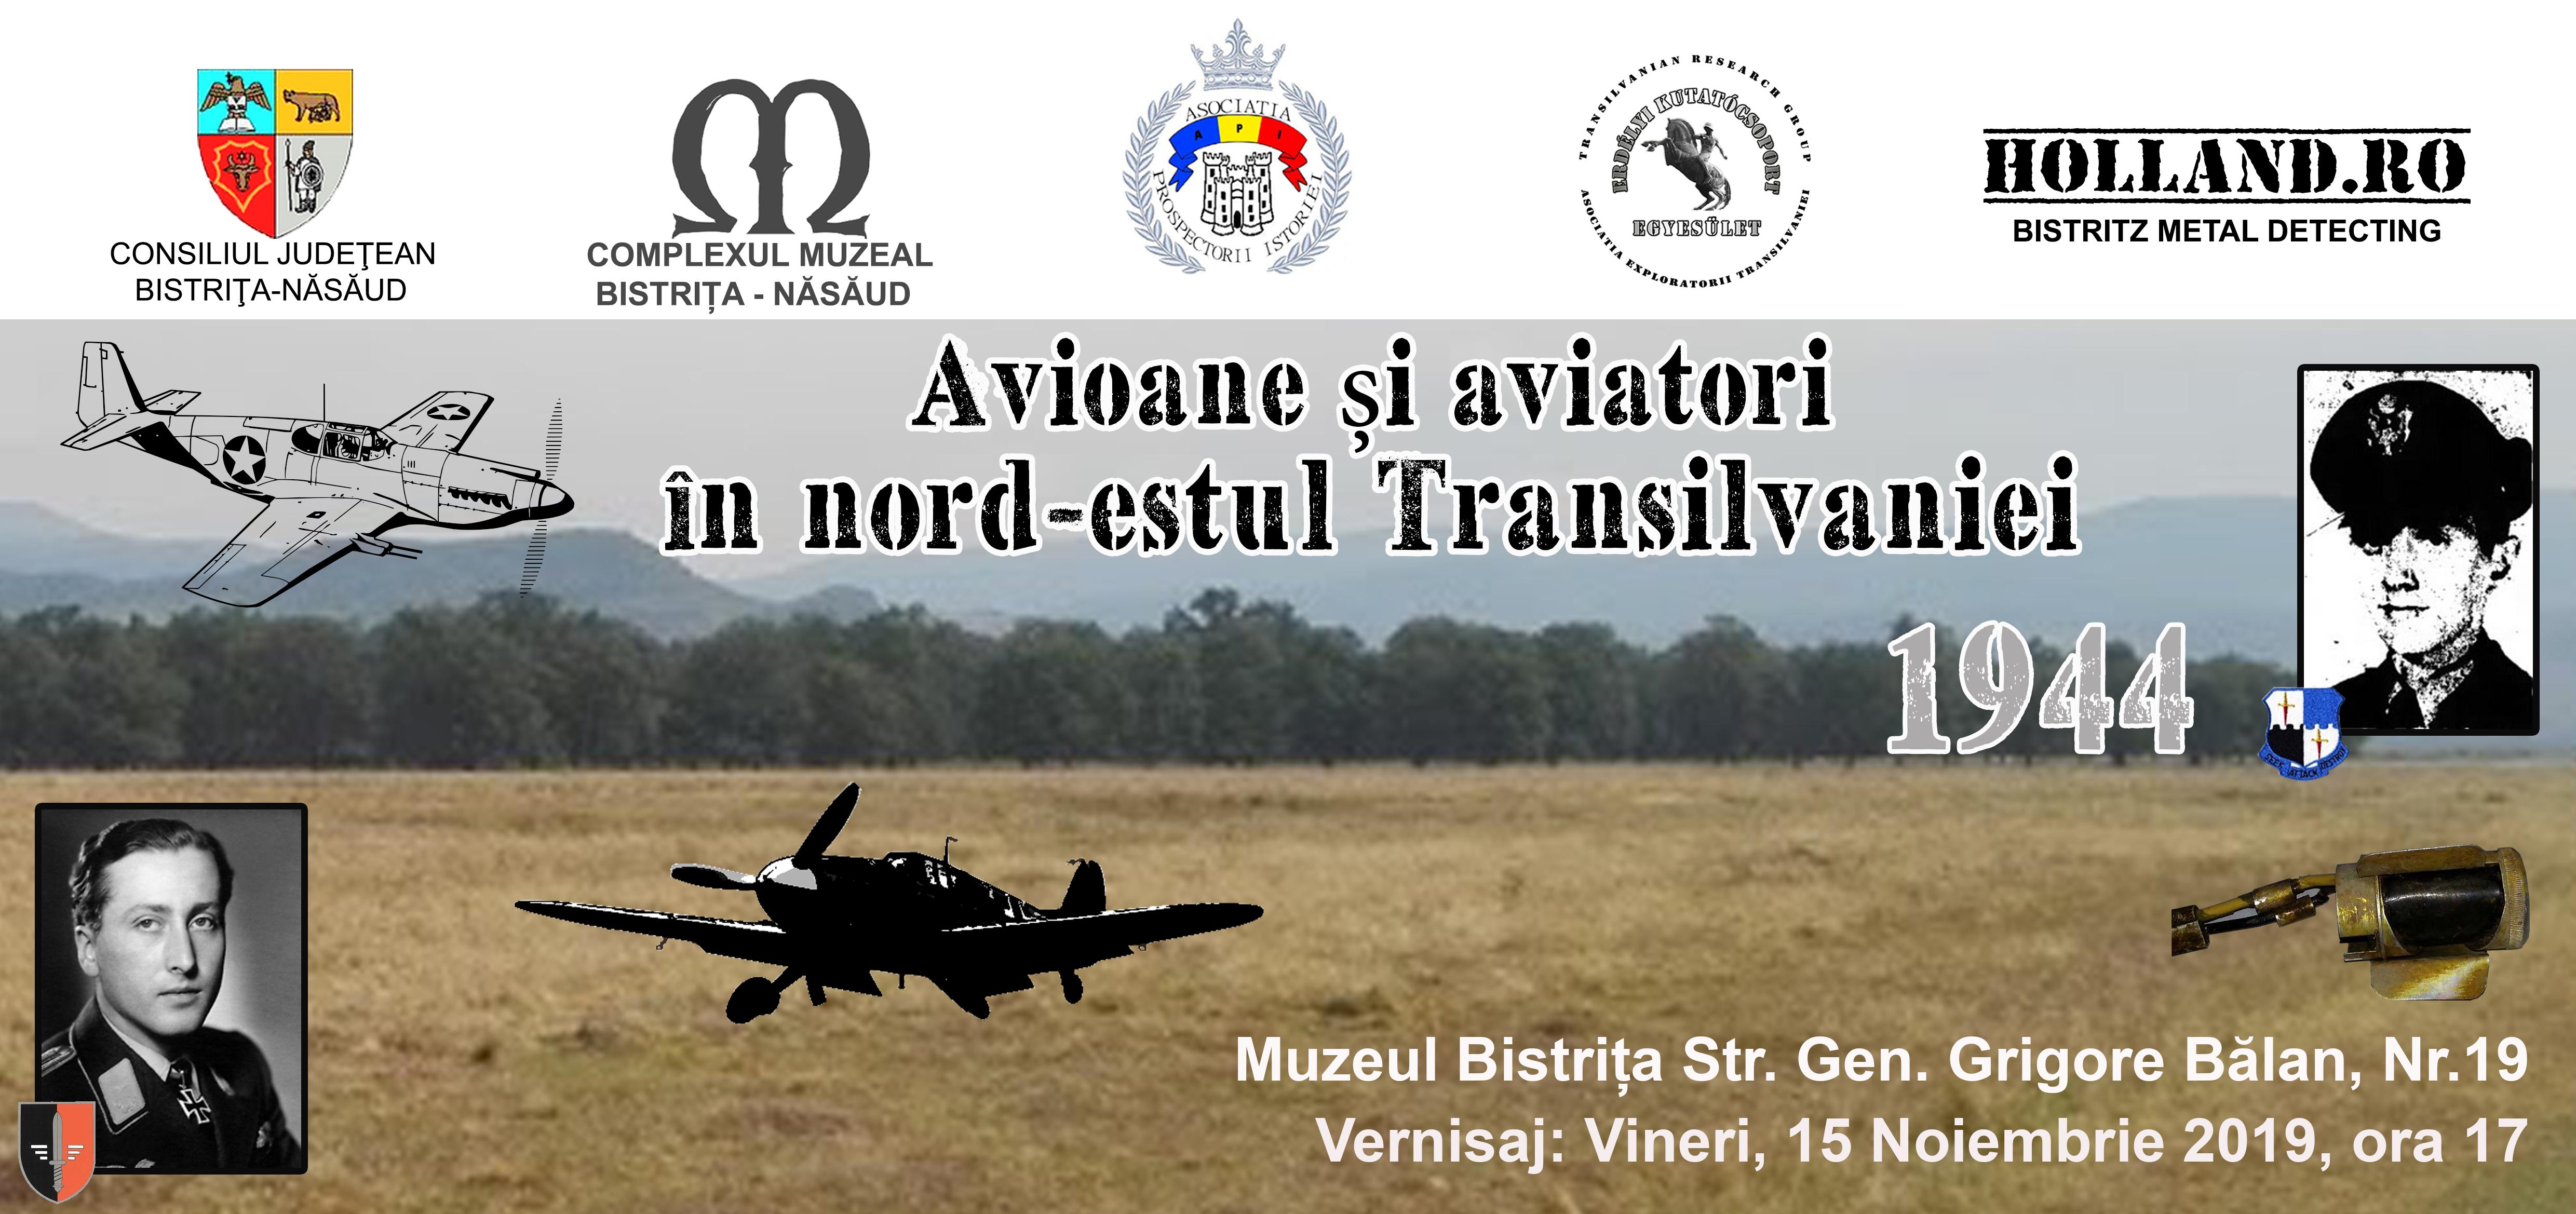 Avioane și aviatori în nord-estul Transilvaniei 1944